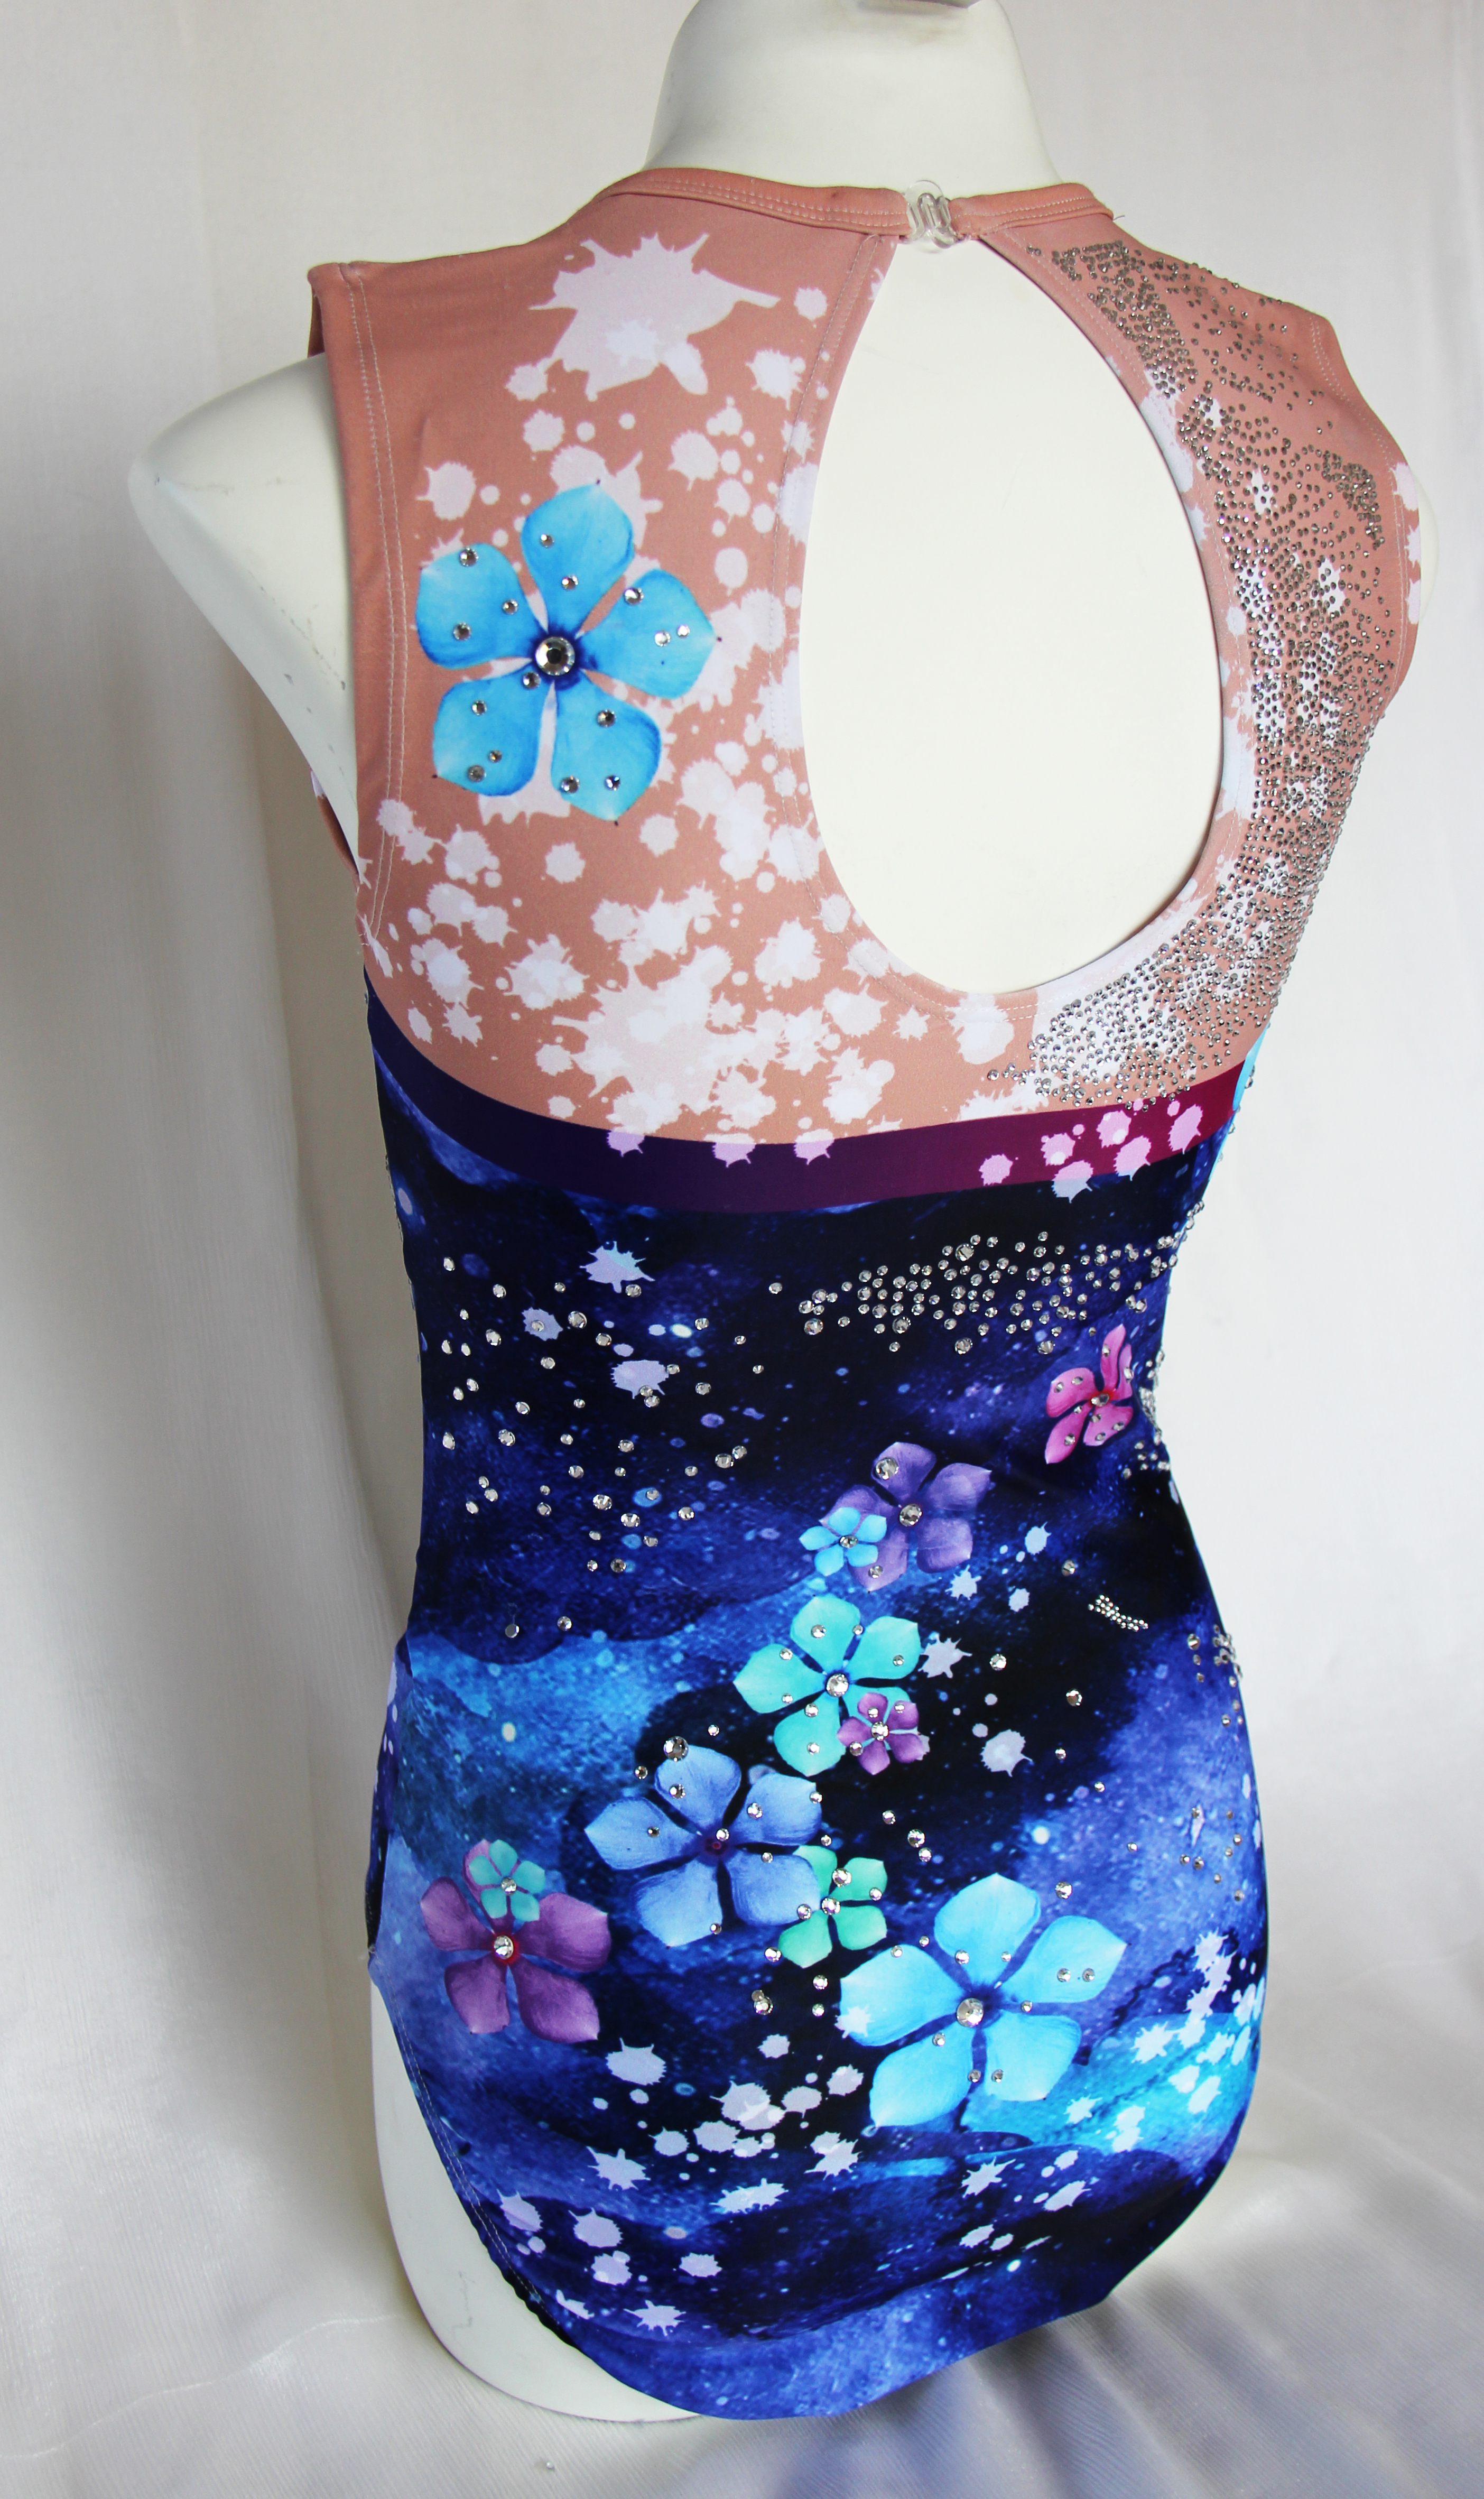 Dancing Butterflies & Flowers  in the Cosmo! 6